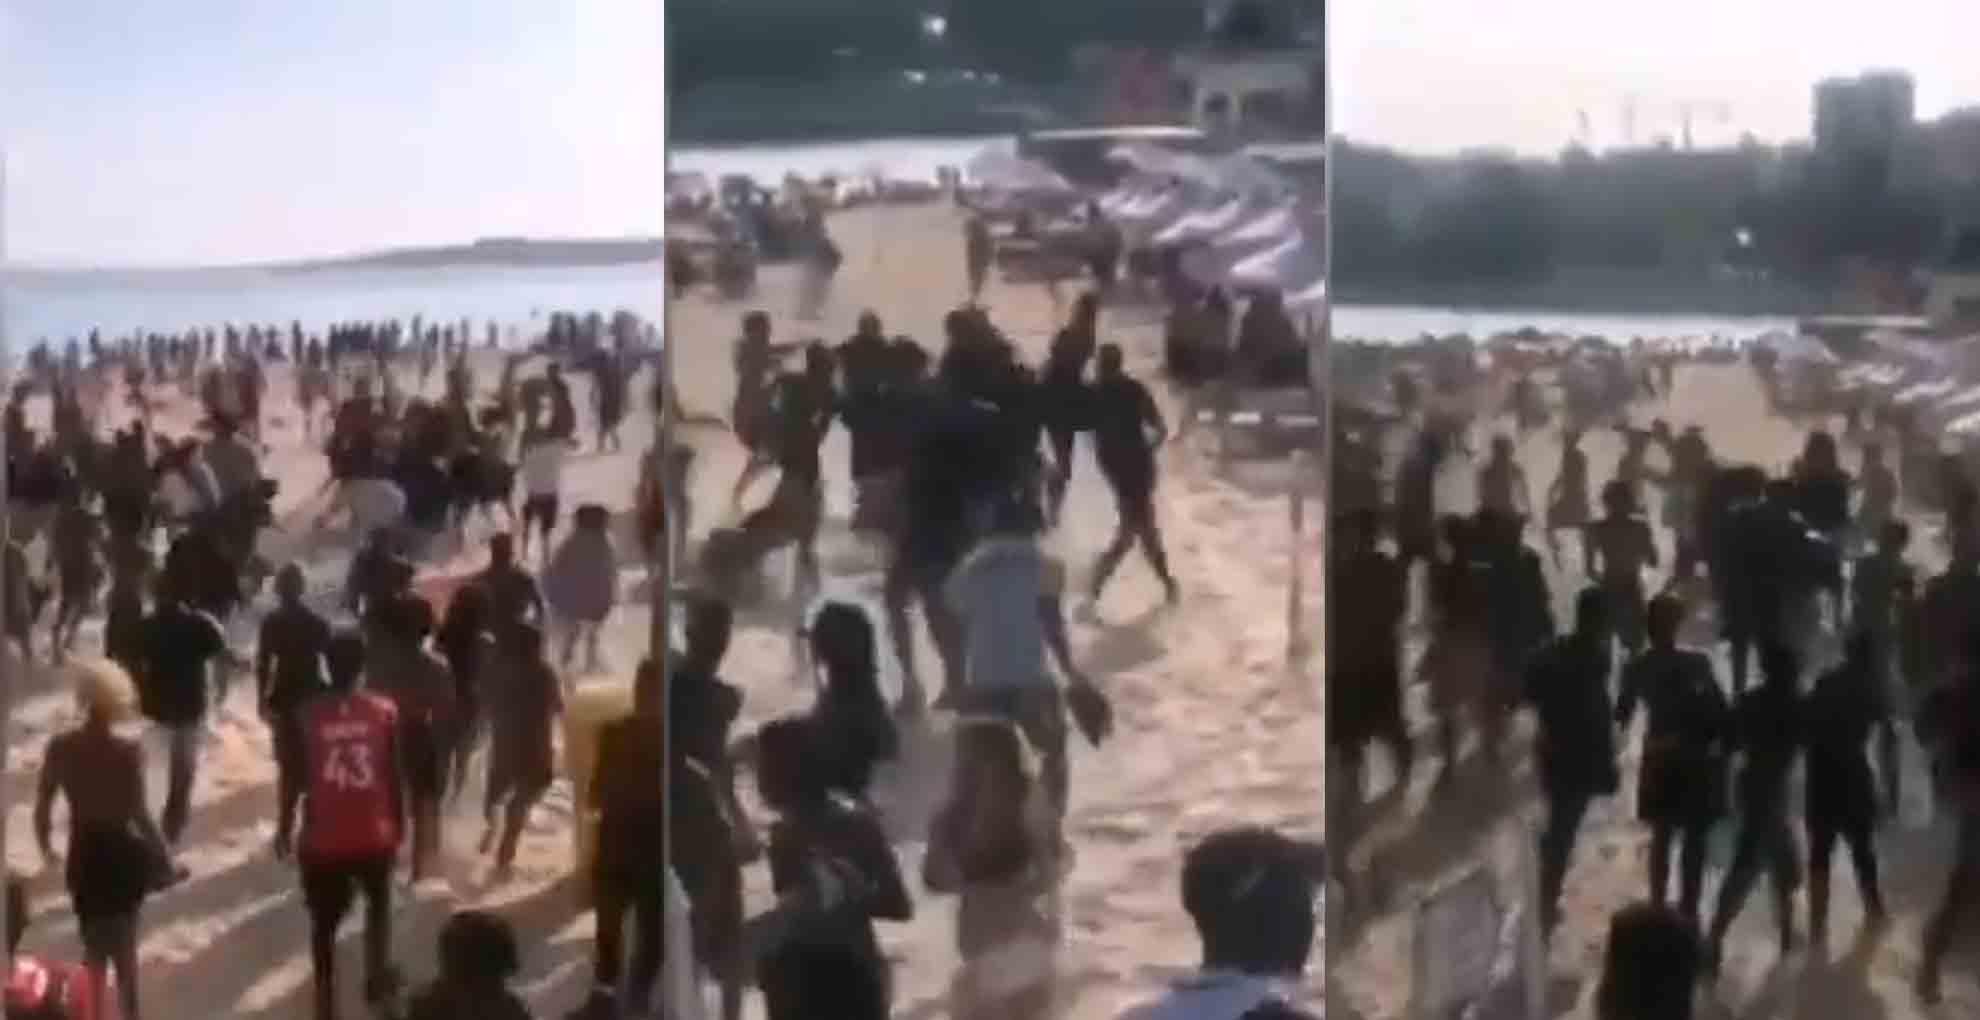 Jovens esfaqueados em briga que envolveu dezenas de pessoas em praia do Estoril